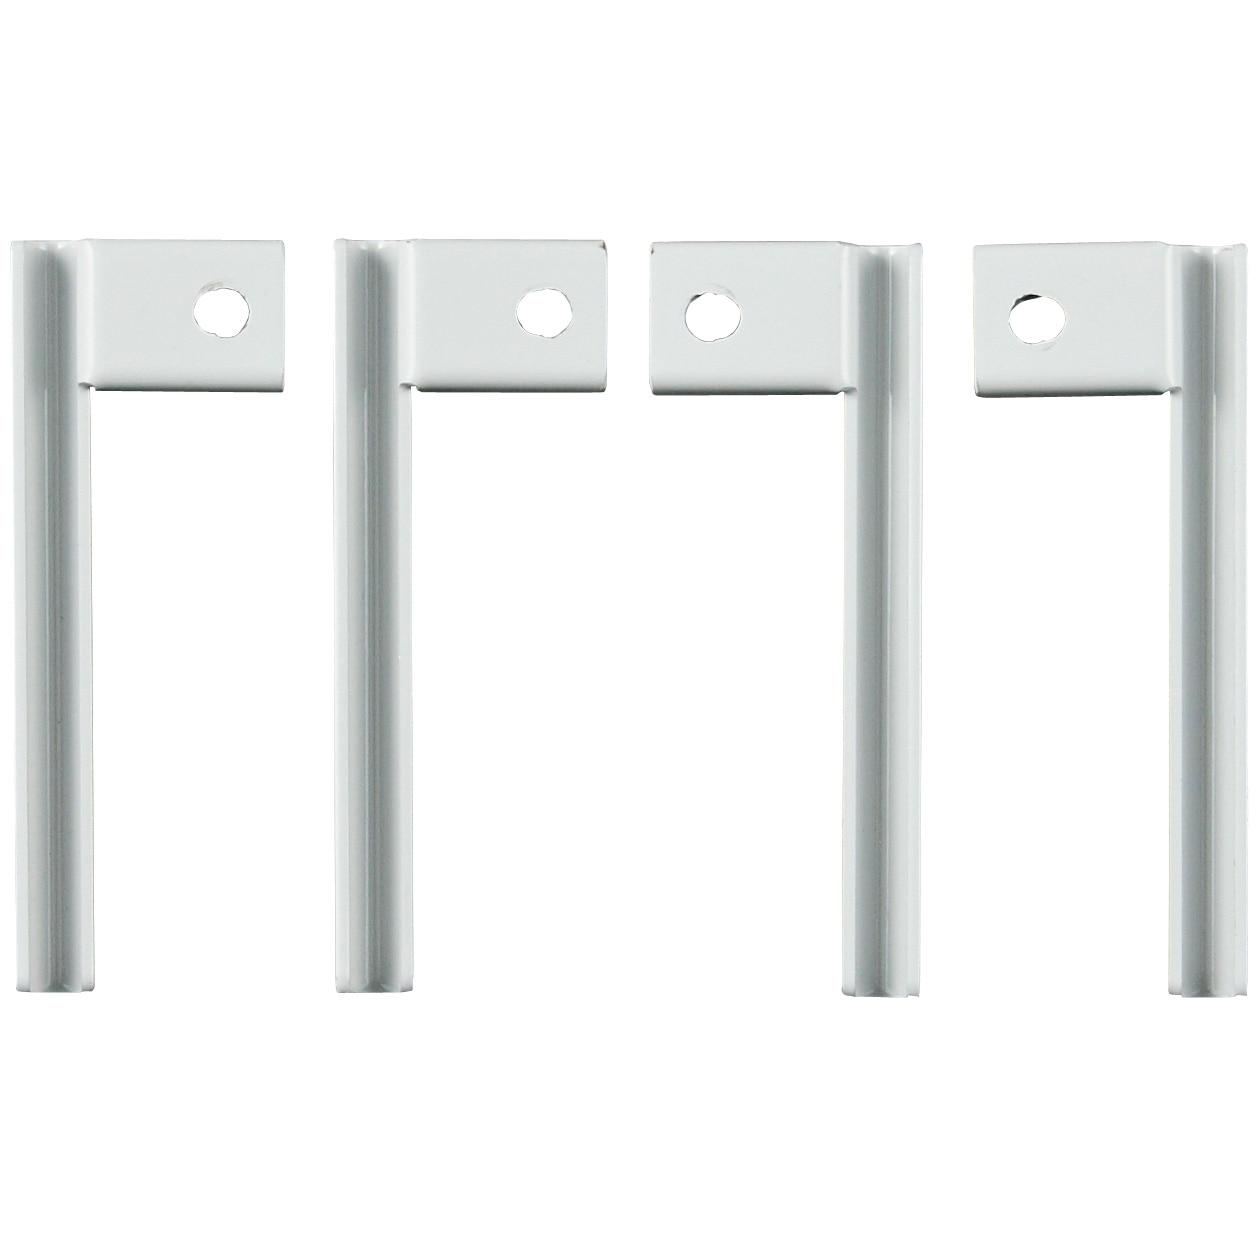 スチールユニットシェルフ用高さ調整金具・グレー